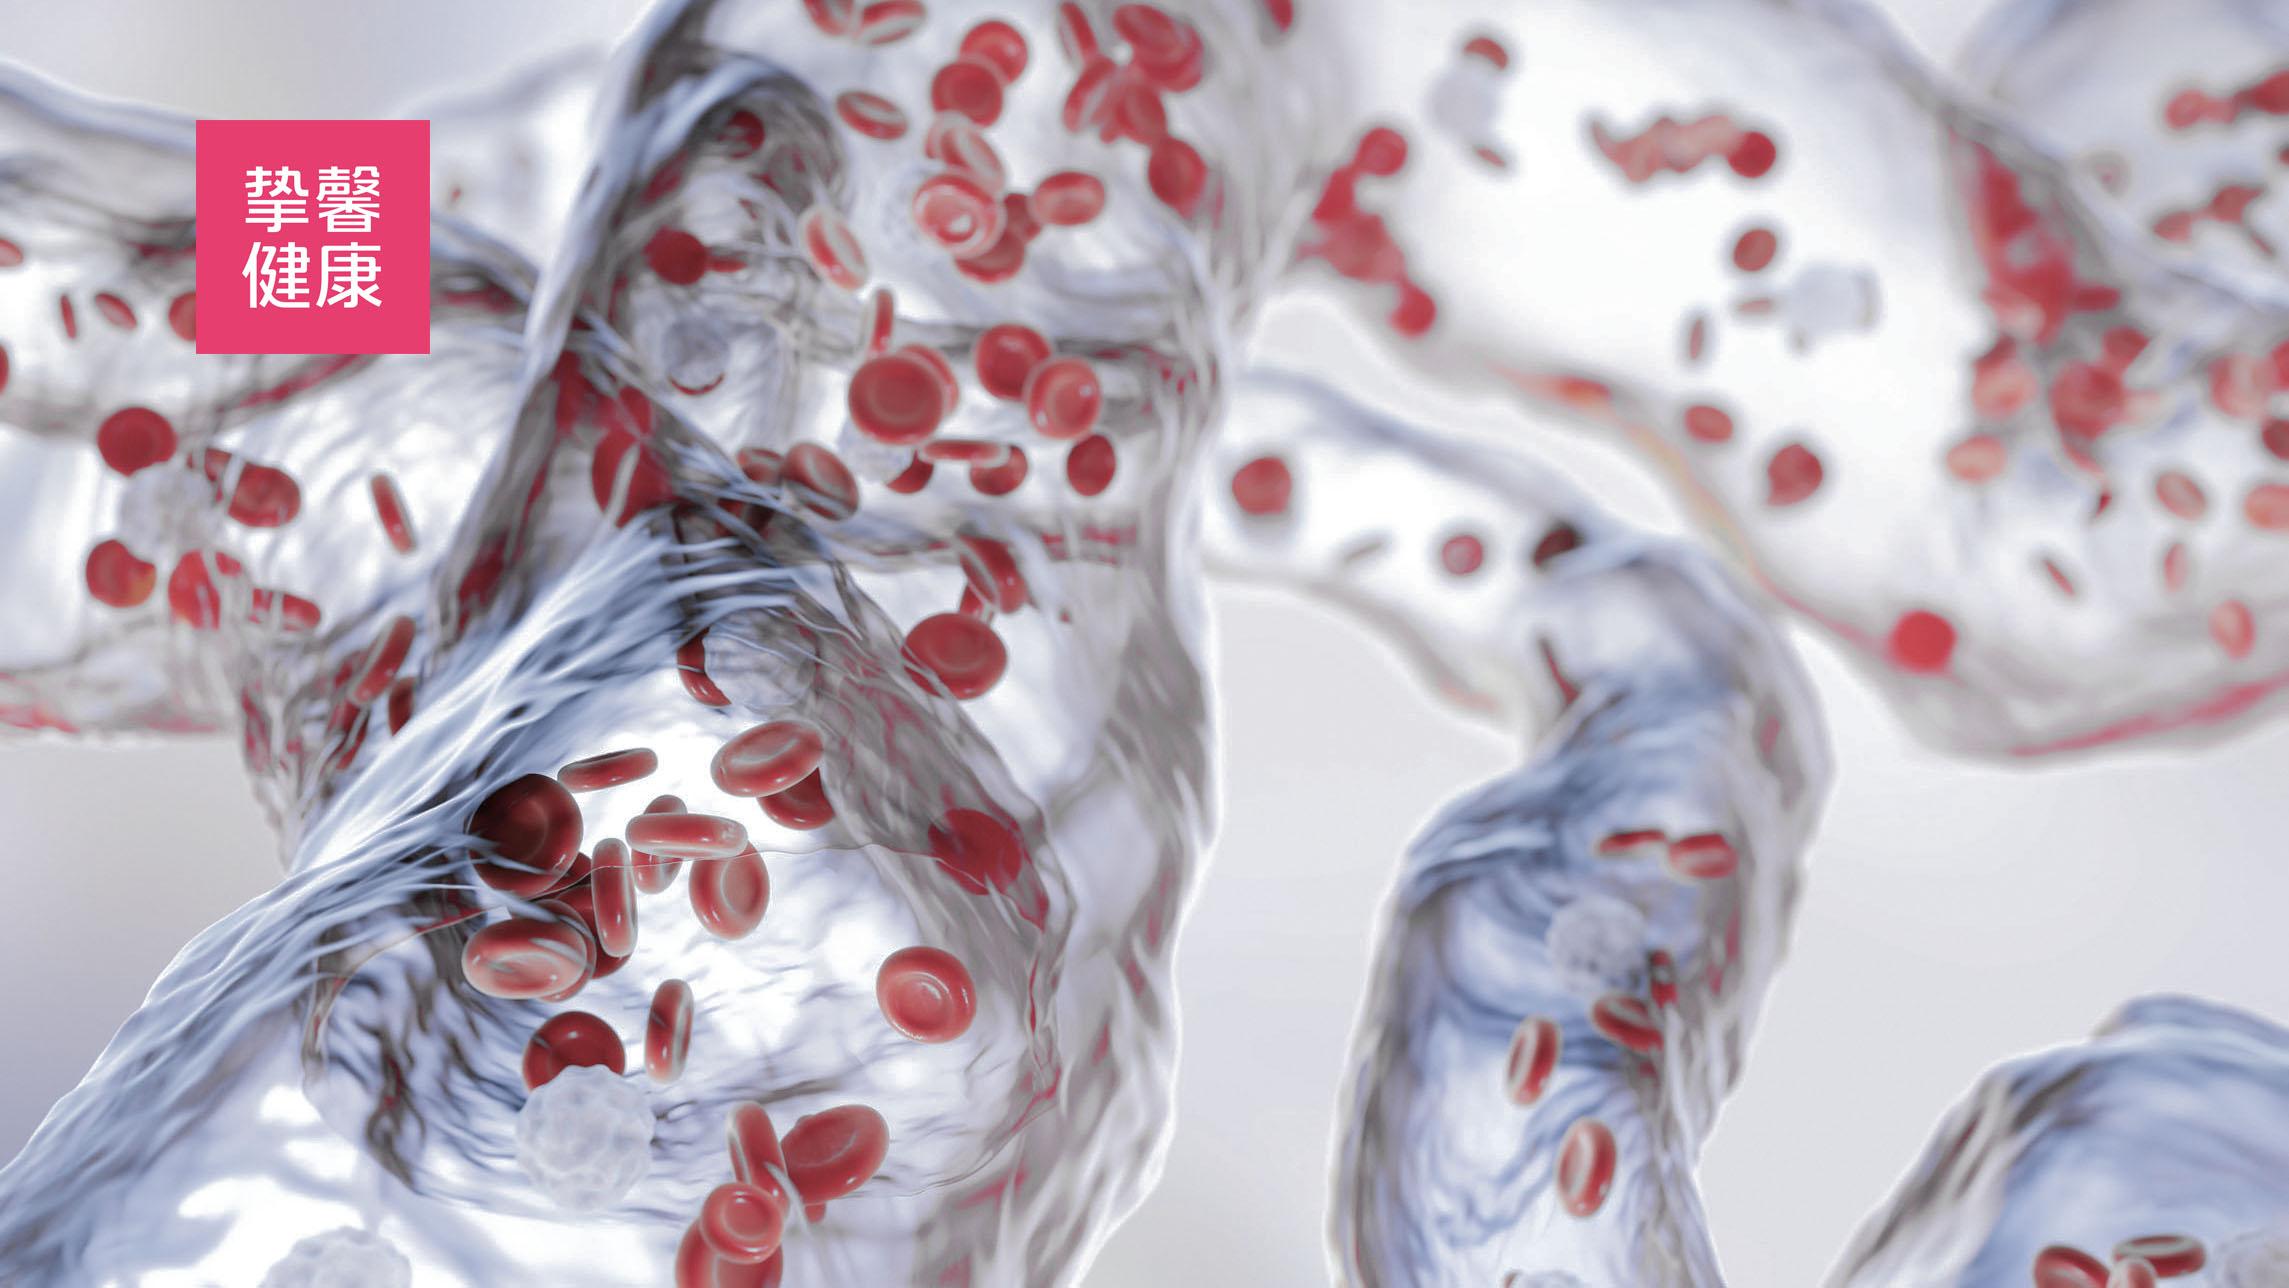 人体内血管是连通全身的